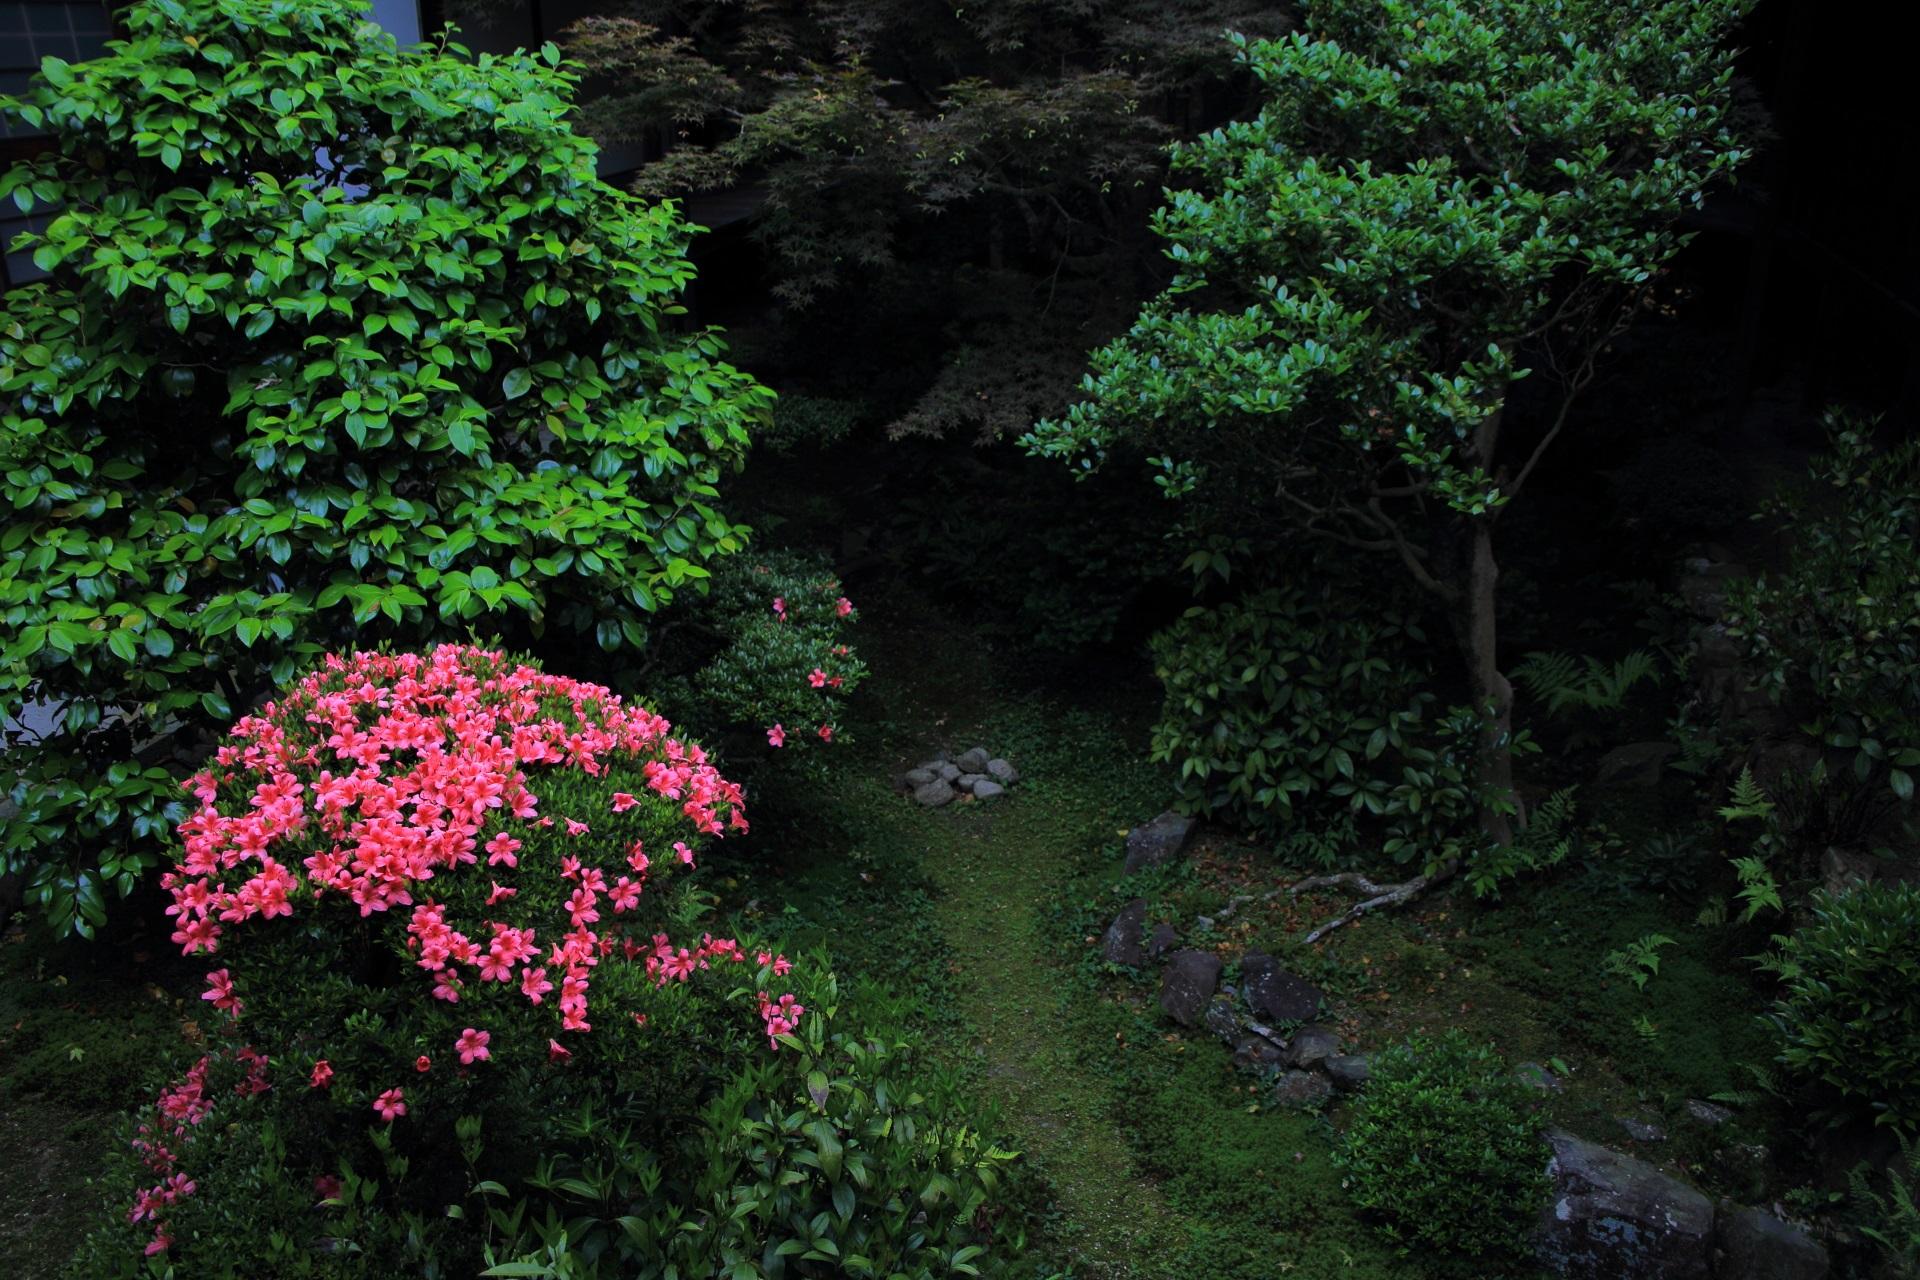 安楽寺の書院中庭の鮮やかに浮かび上がるサツキ